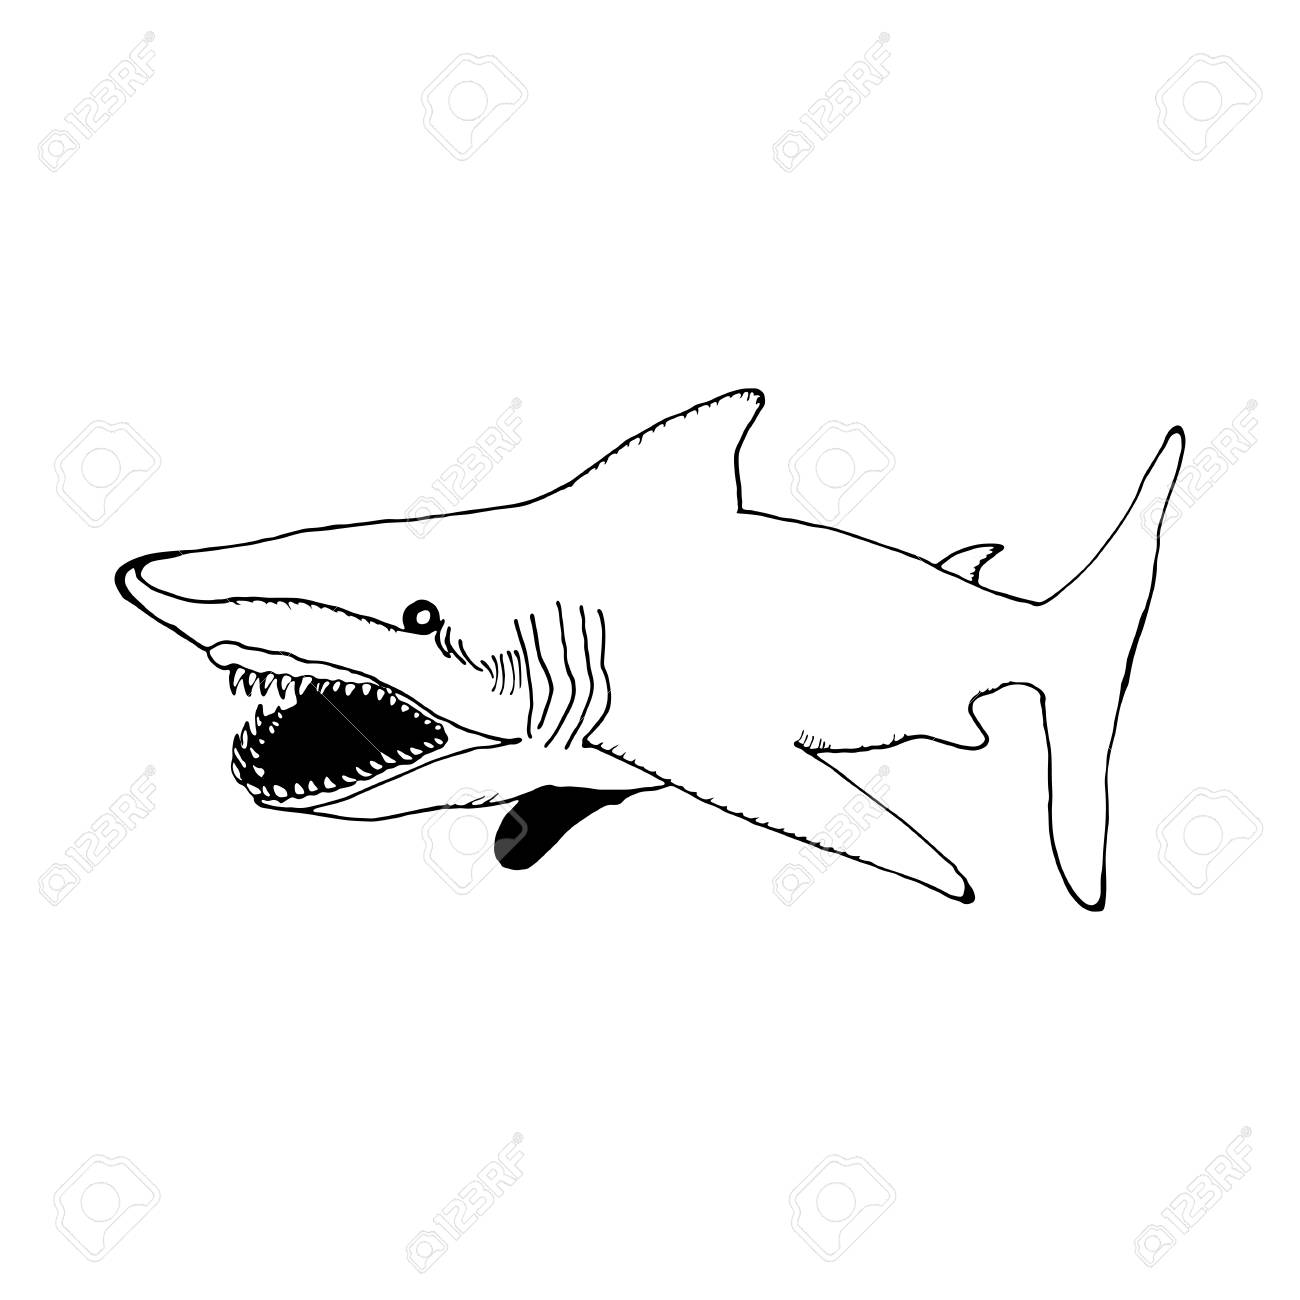 Mano Dibujar Un Tiburón En El Estilo De Un Dibujo Sobre Un Fondo Blanco Y Negro Que Se Utiliza Para Las Banderas Folletos Libros Para Colorear